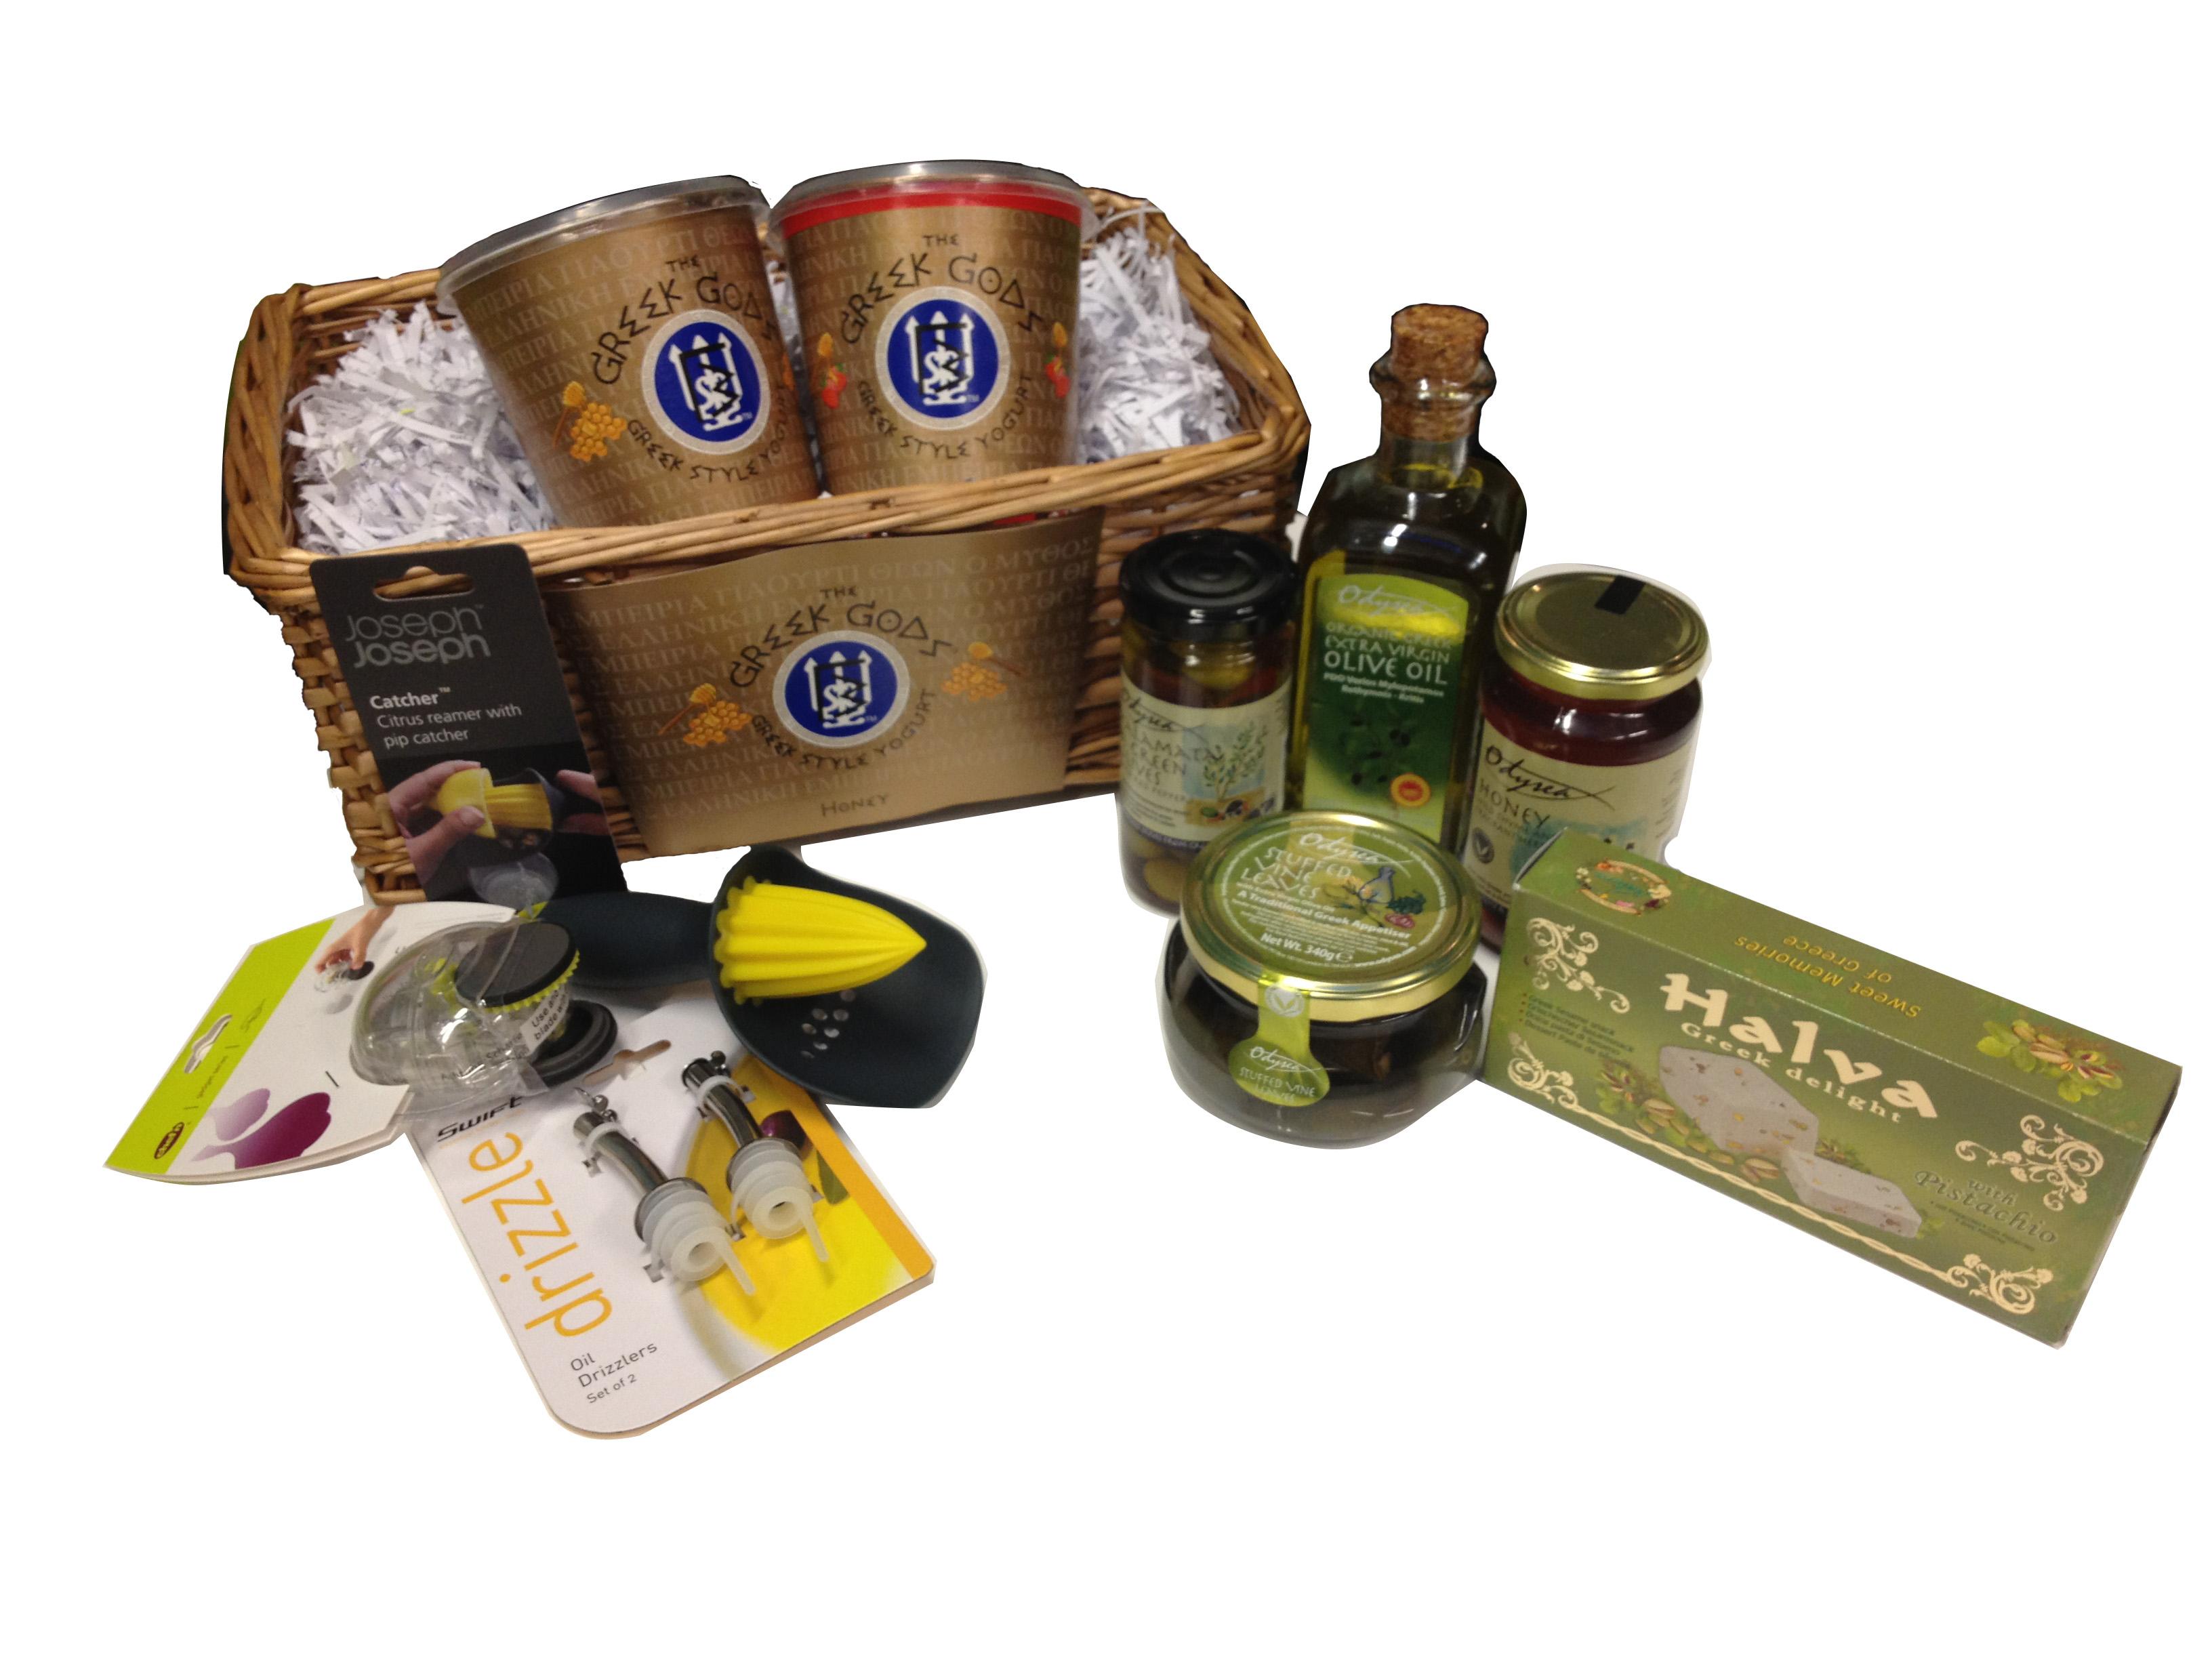 Giveaway: A Fabulous Greek Food Hamper from Greek Gods Yogurt